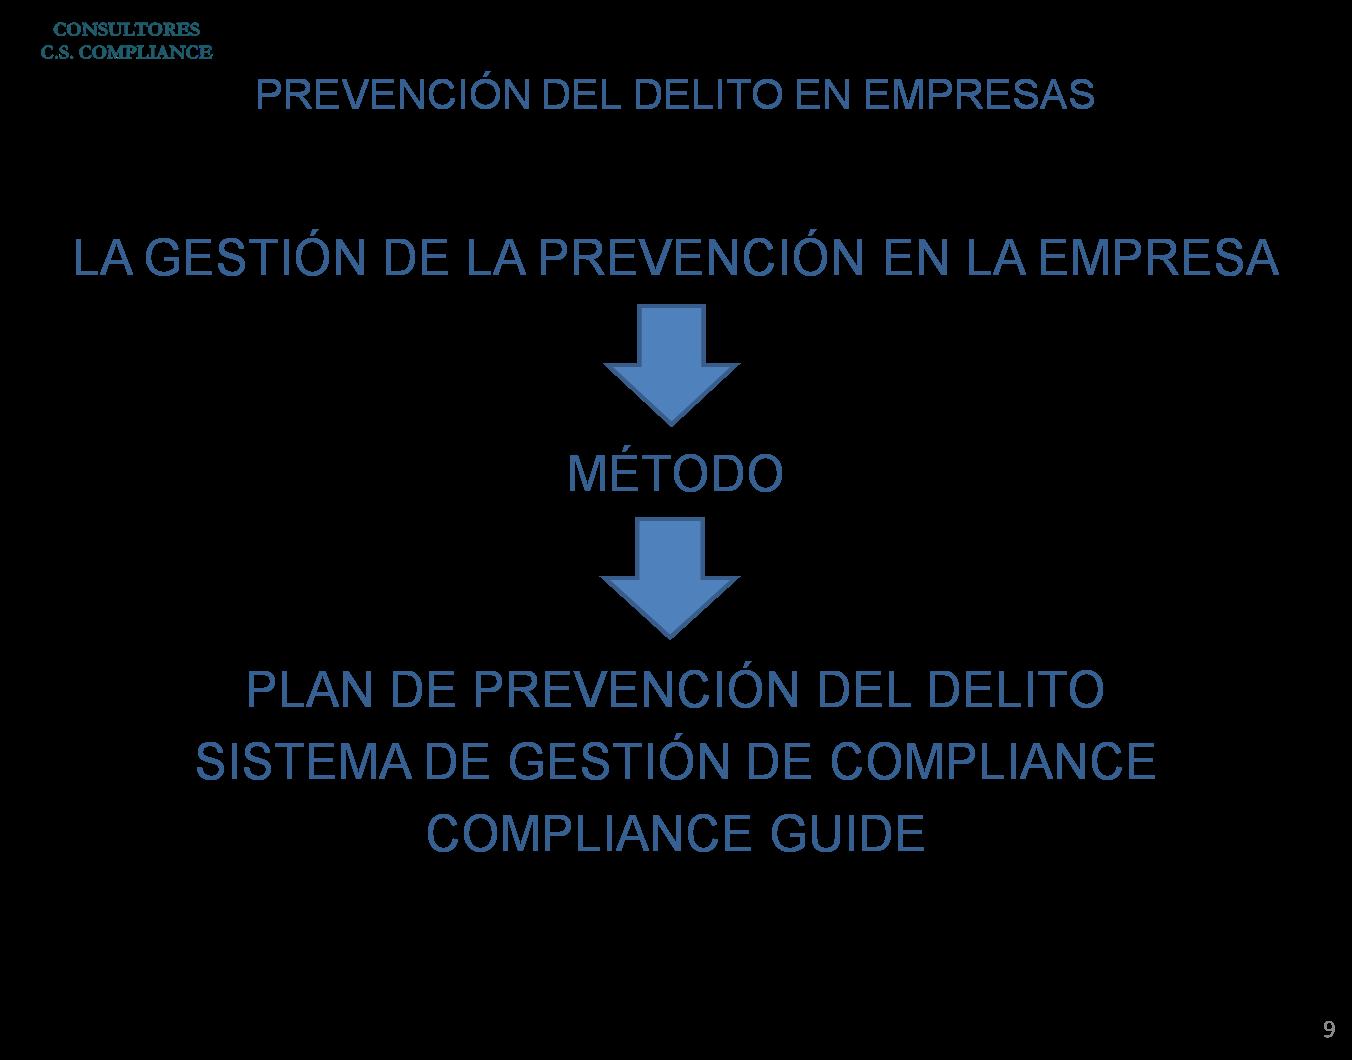 Gestión de Compliance